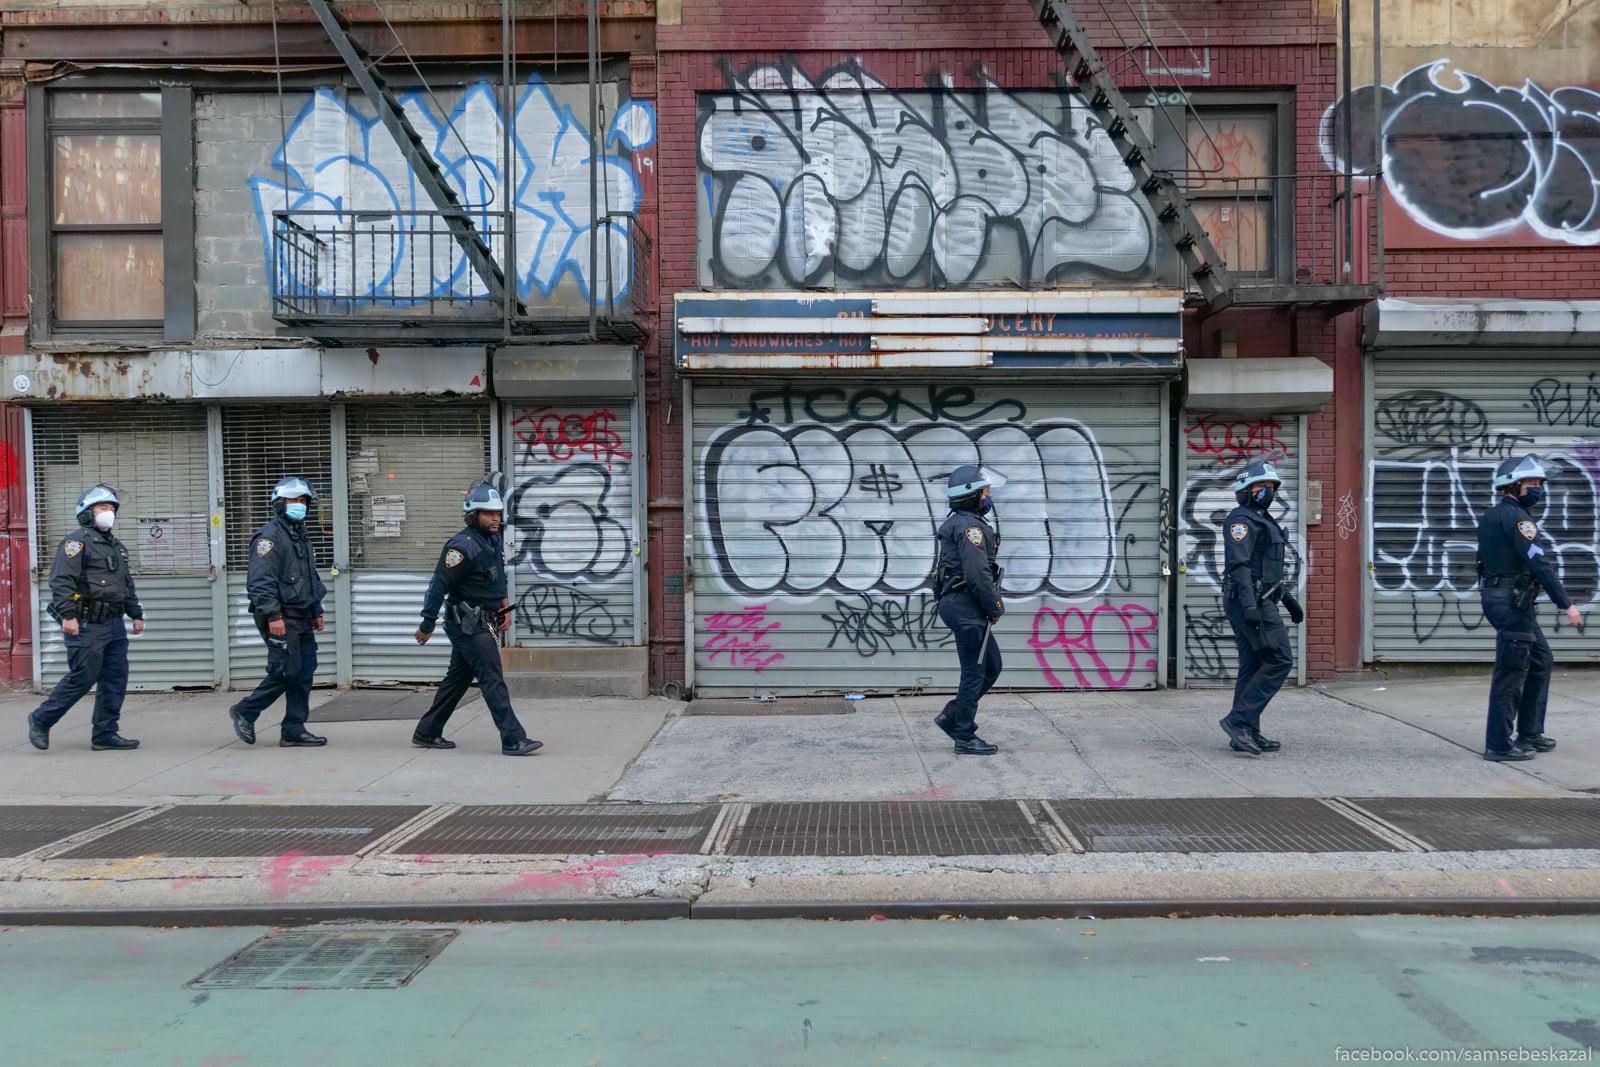 Policia zdorovogo celoveka...